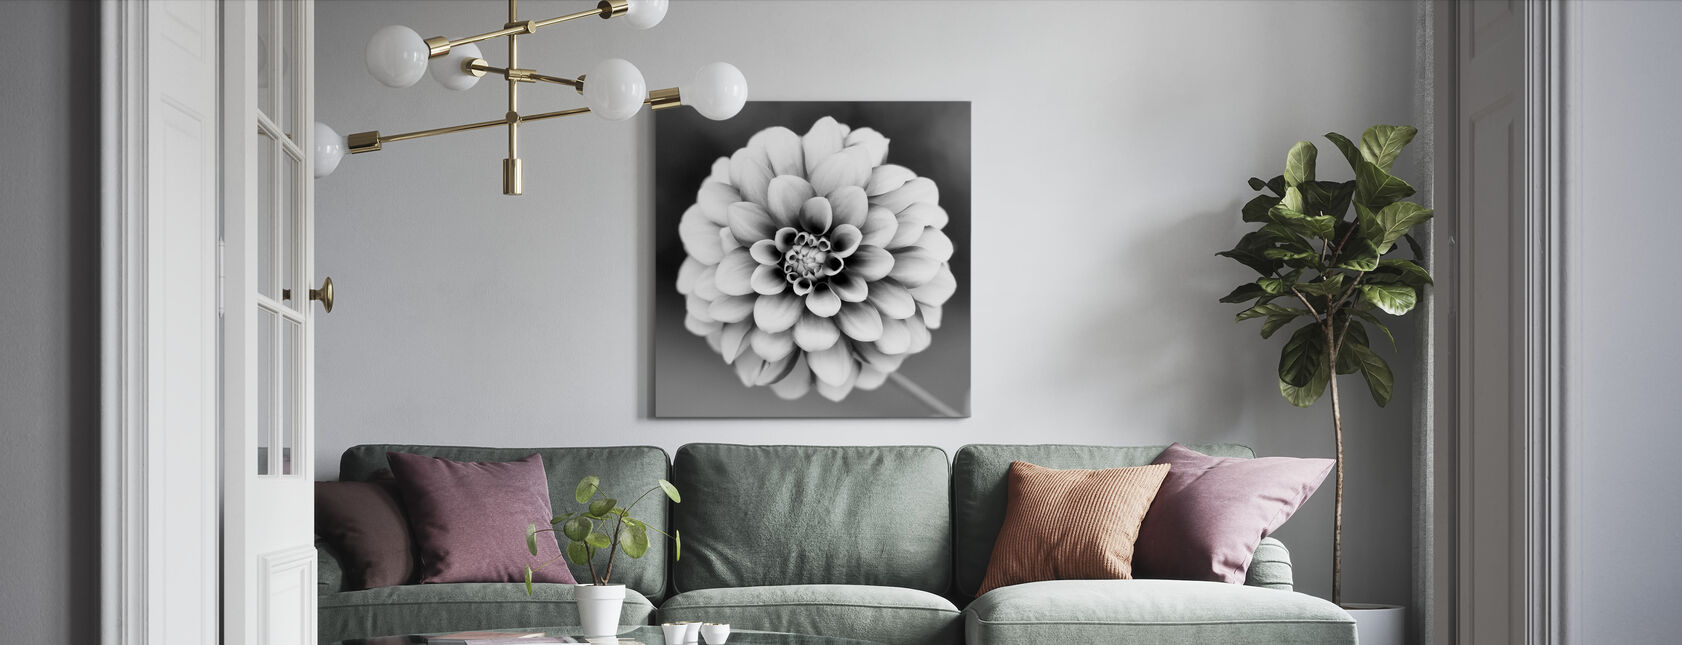 Dahlia - Canvas print - Living Room